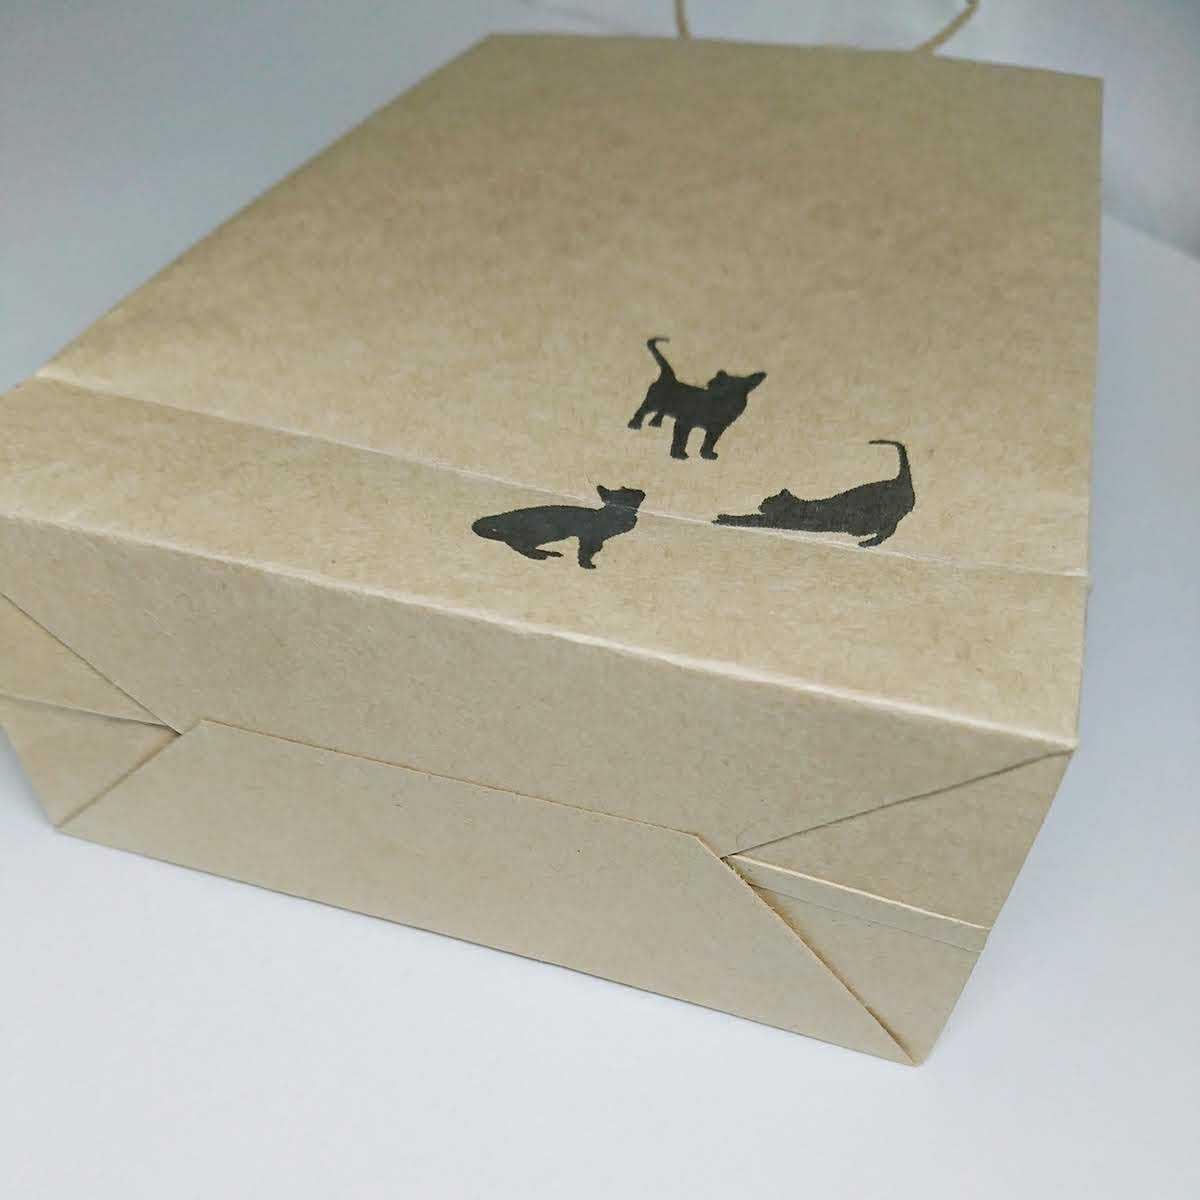 黒猫 クラフト紙袋 手提げ袋 ラッピング袋 プチギフト ペーパーバッグ お礼 ハンドメイド 包装 6枚 _画像3